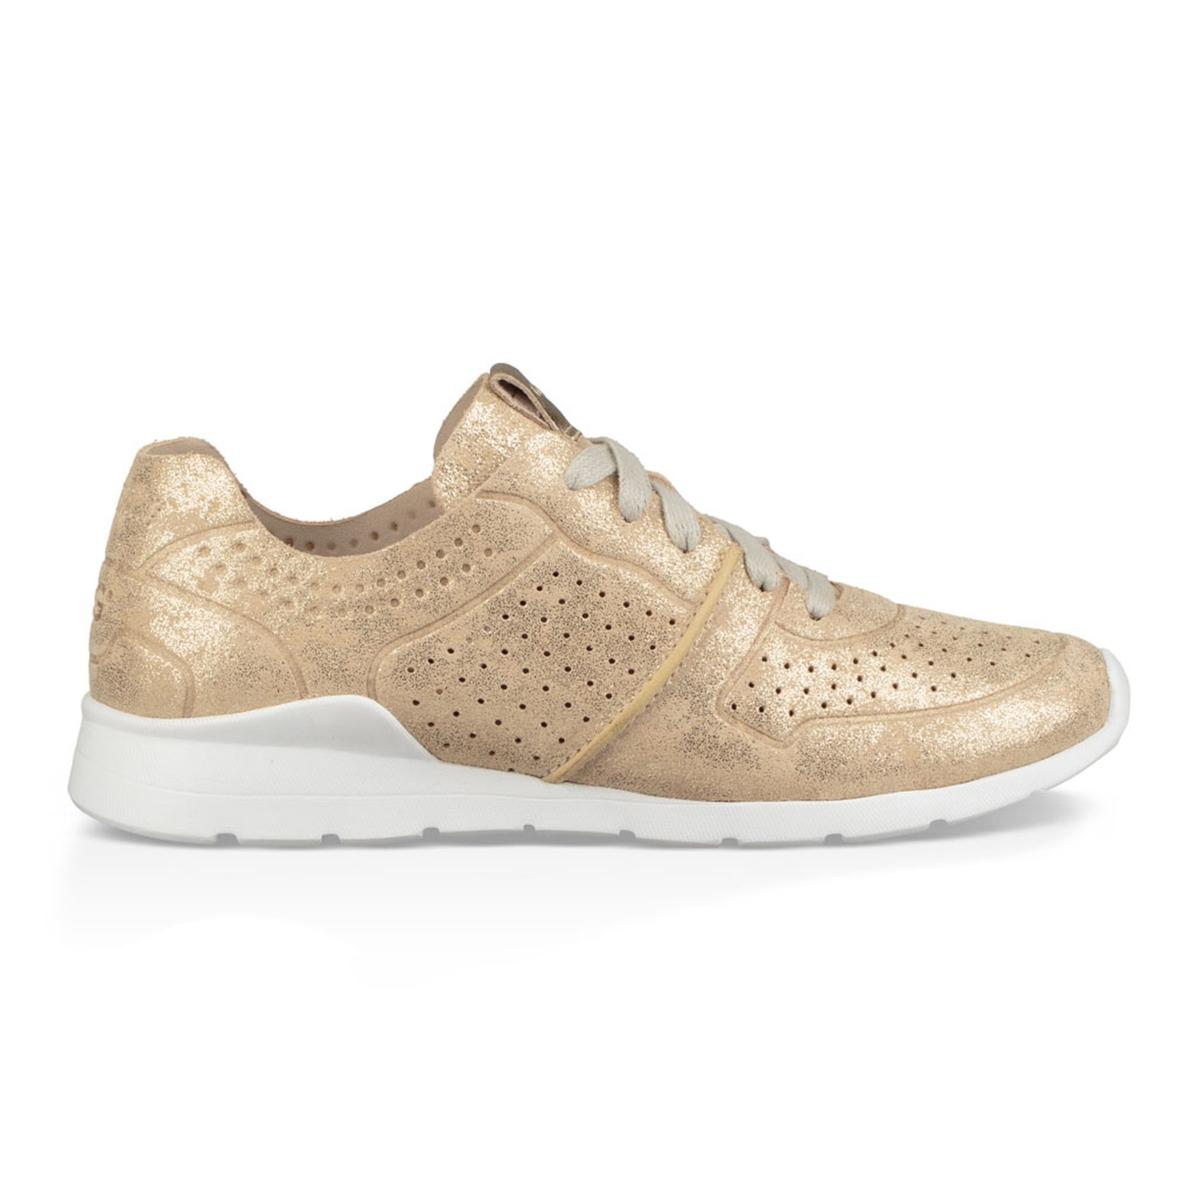 Imagen principal de producto de Zapatillas de piel con cordones y efecto dorado, Tye Stardust - UGG